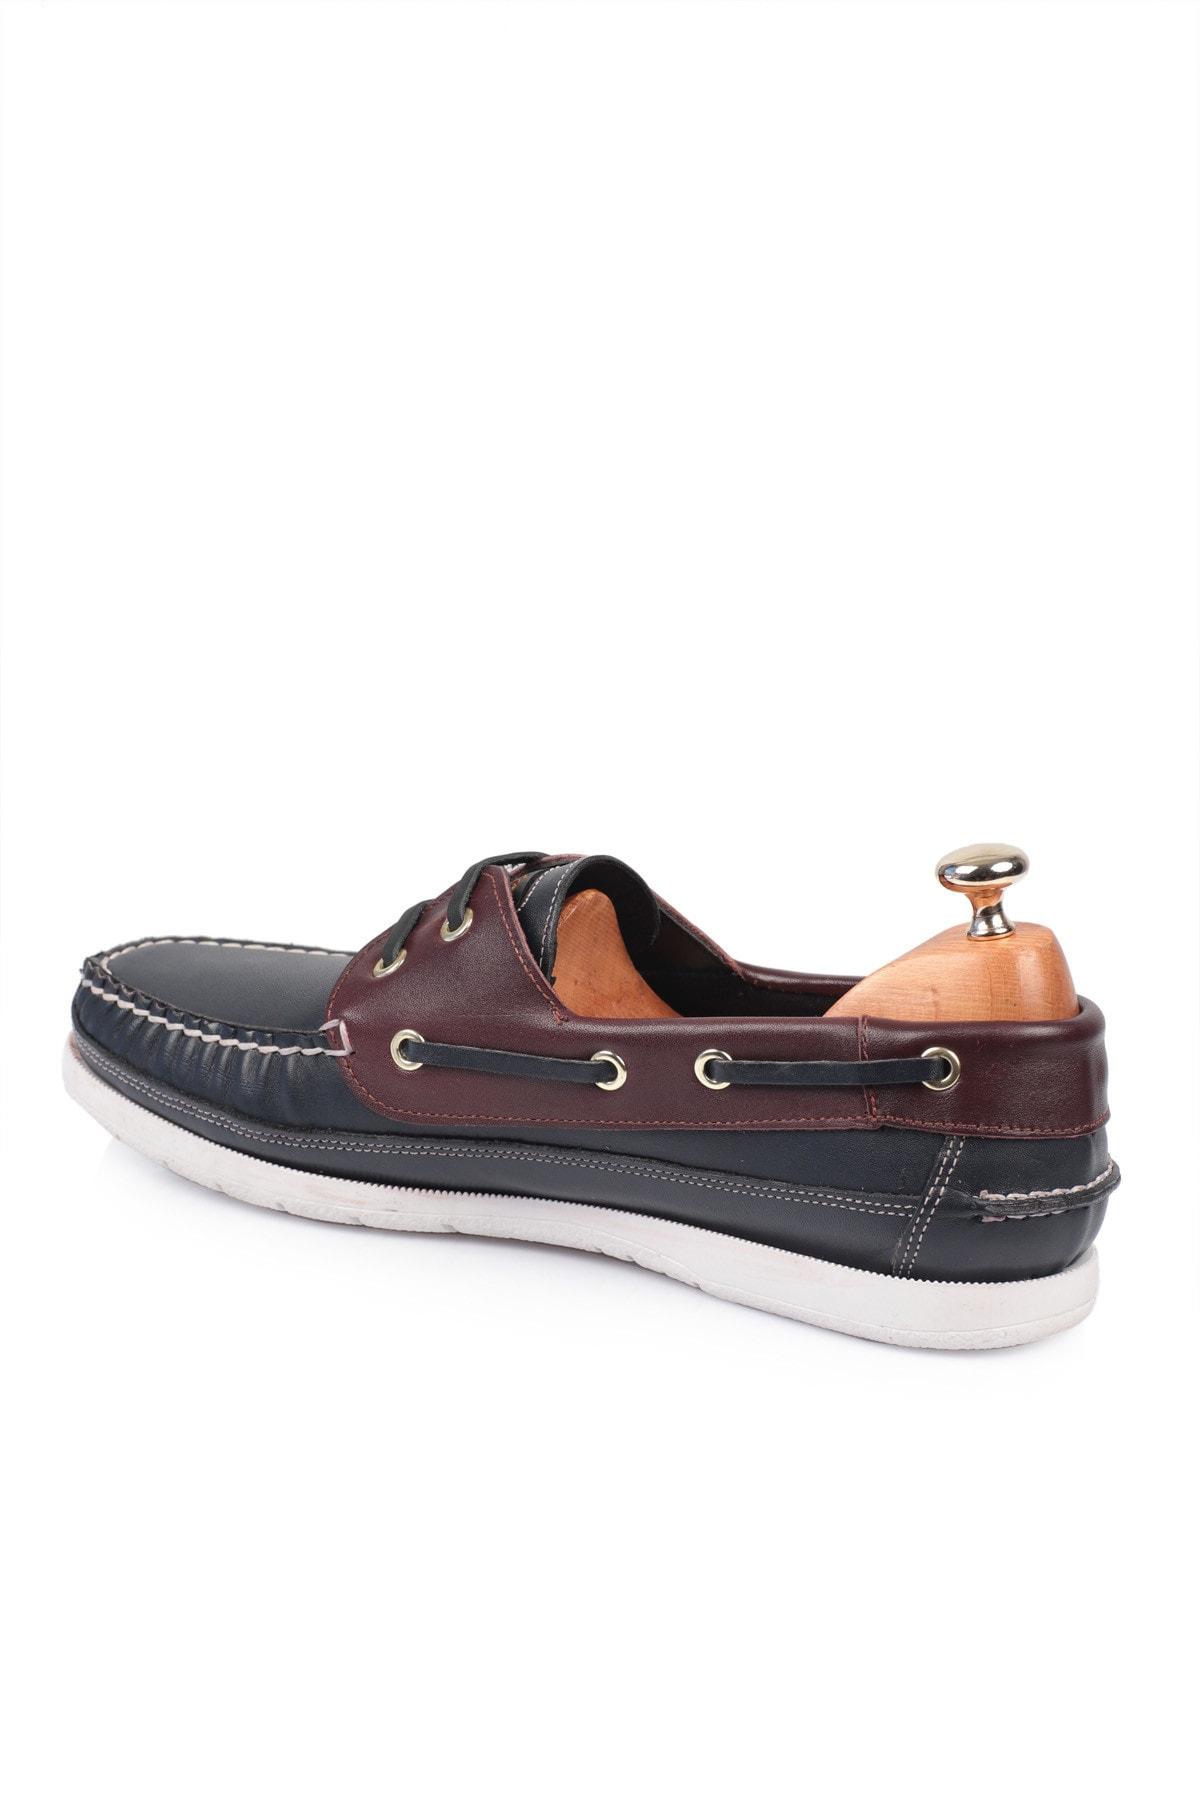 Daxtors D815 Günlük Klasik Hakiki Deri Baba Ayakkabısı 3